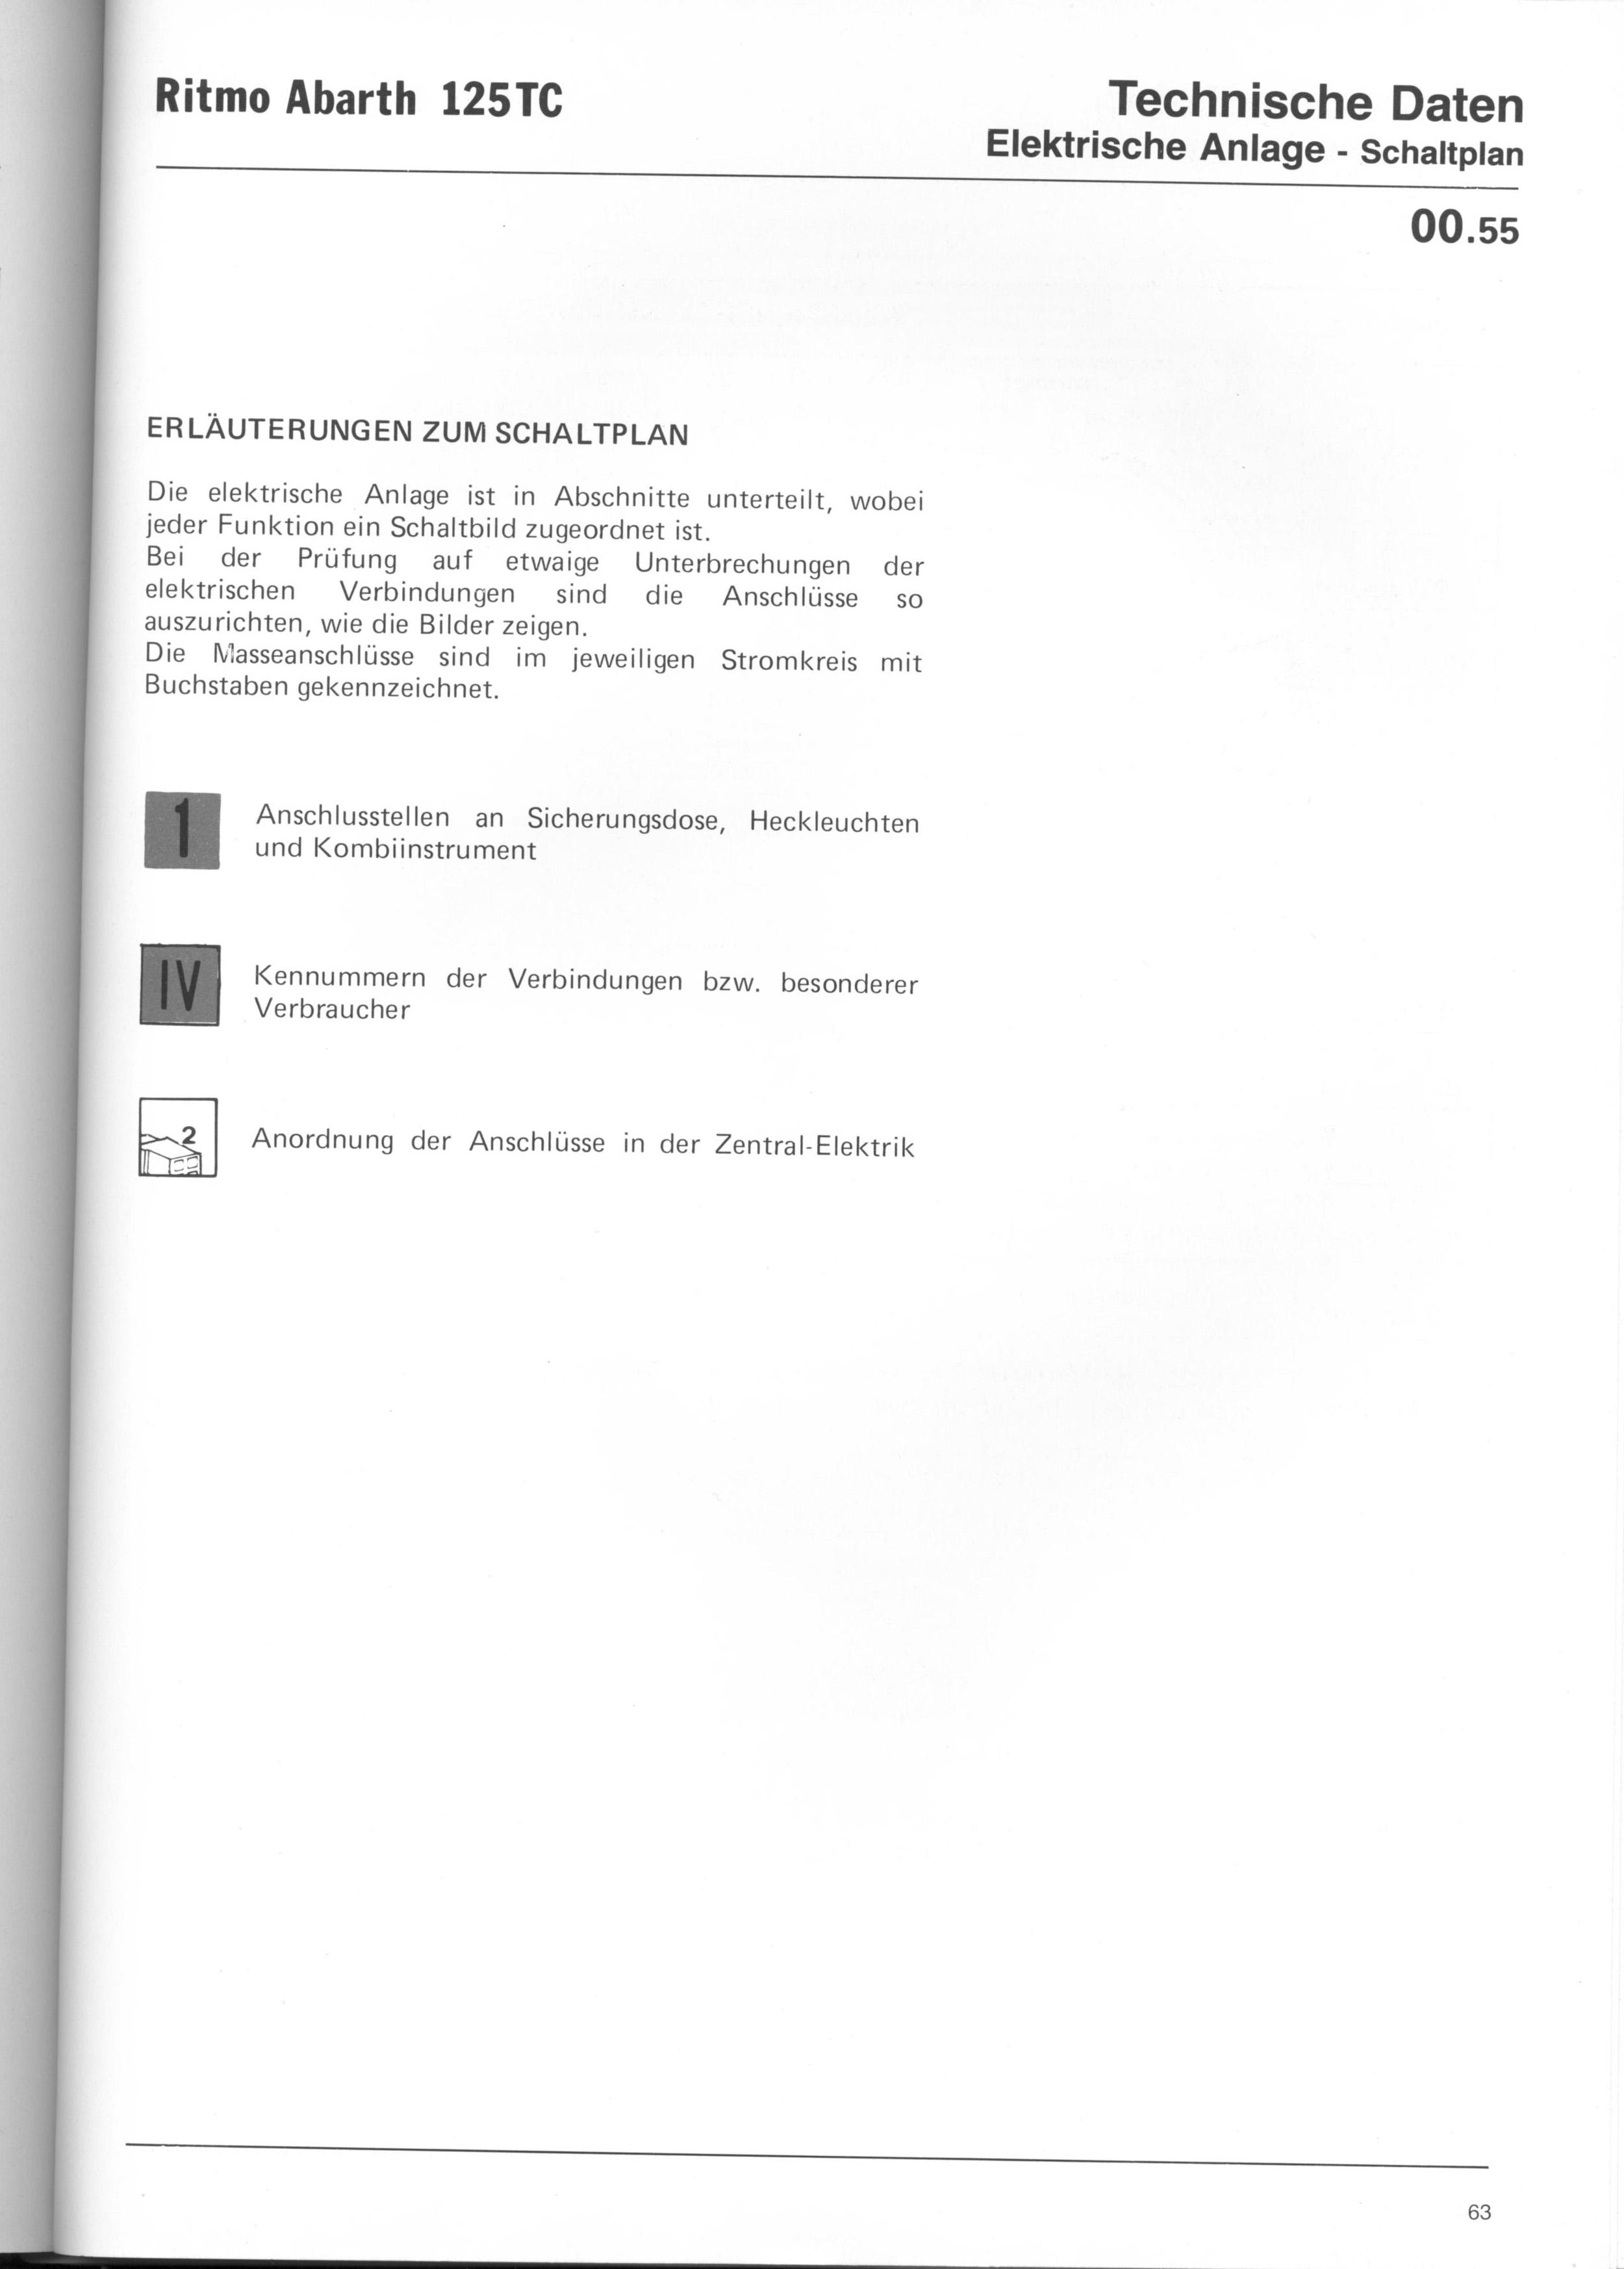 Wunderbar Heckleuchten Schaltplan Galerie - Die Besten Elektrischen ...